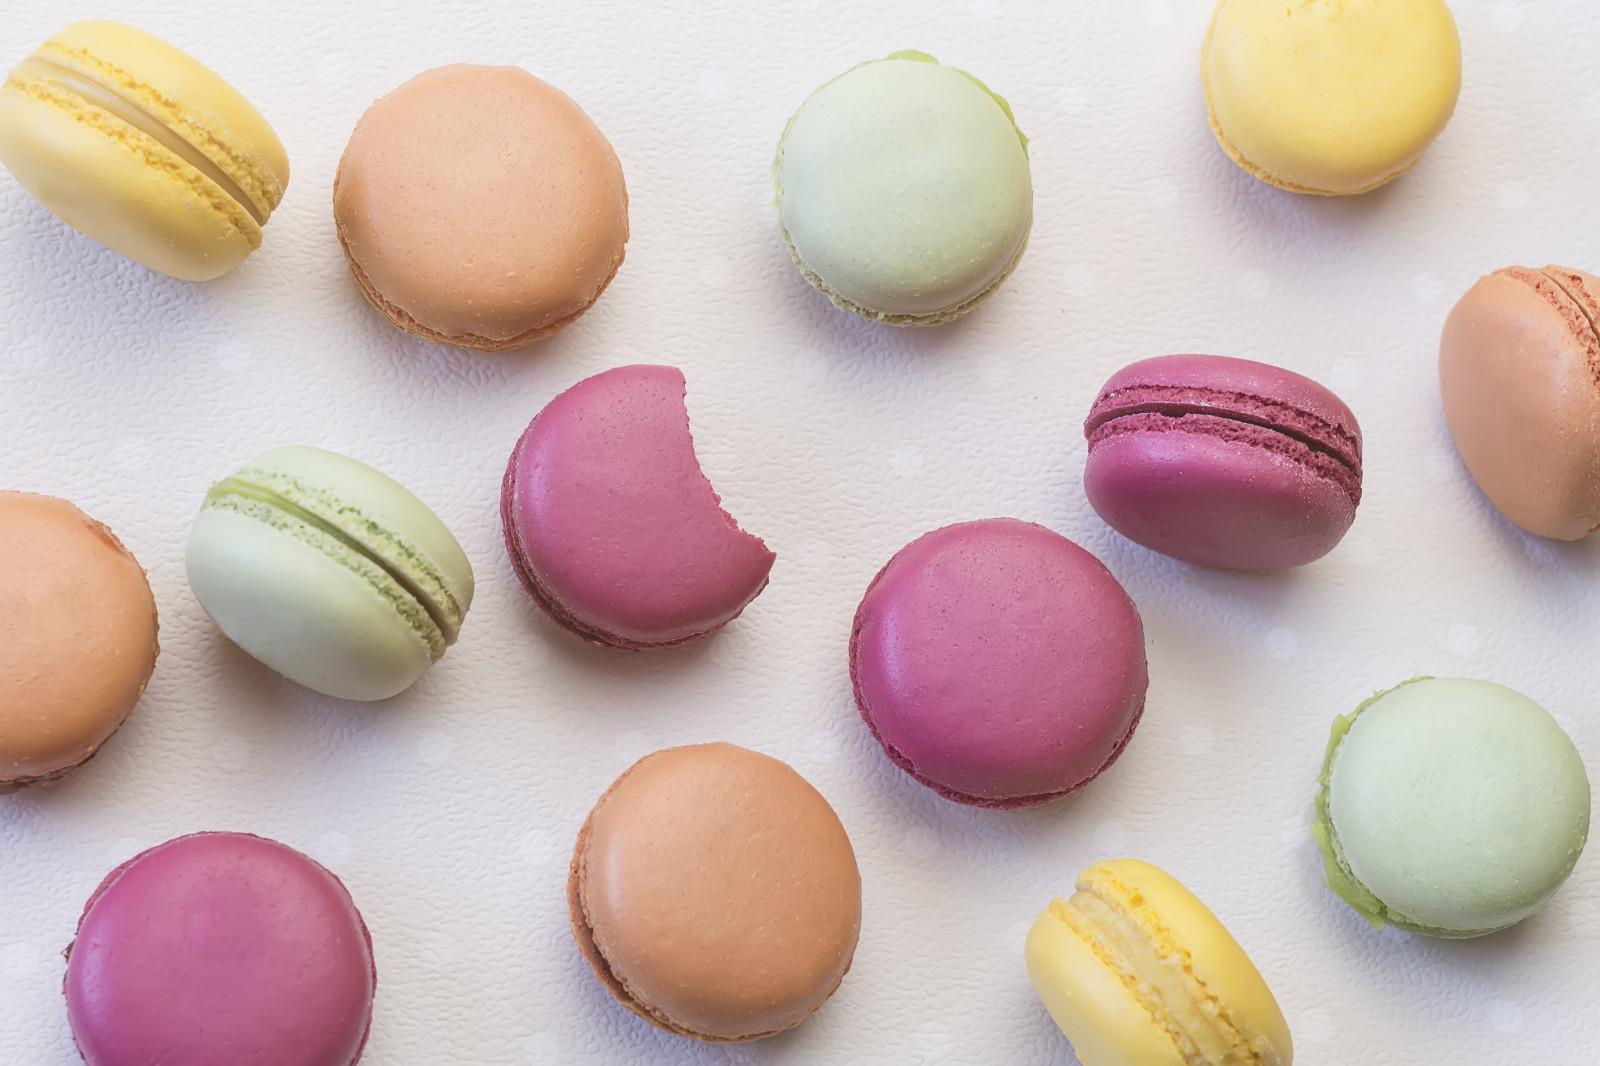 Hintergrundbilder : Makrone, Ei, food additive, Süße, Lebensmittel ...